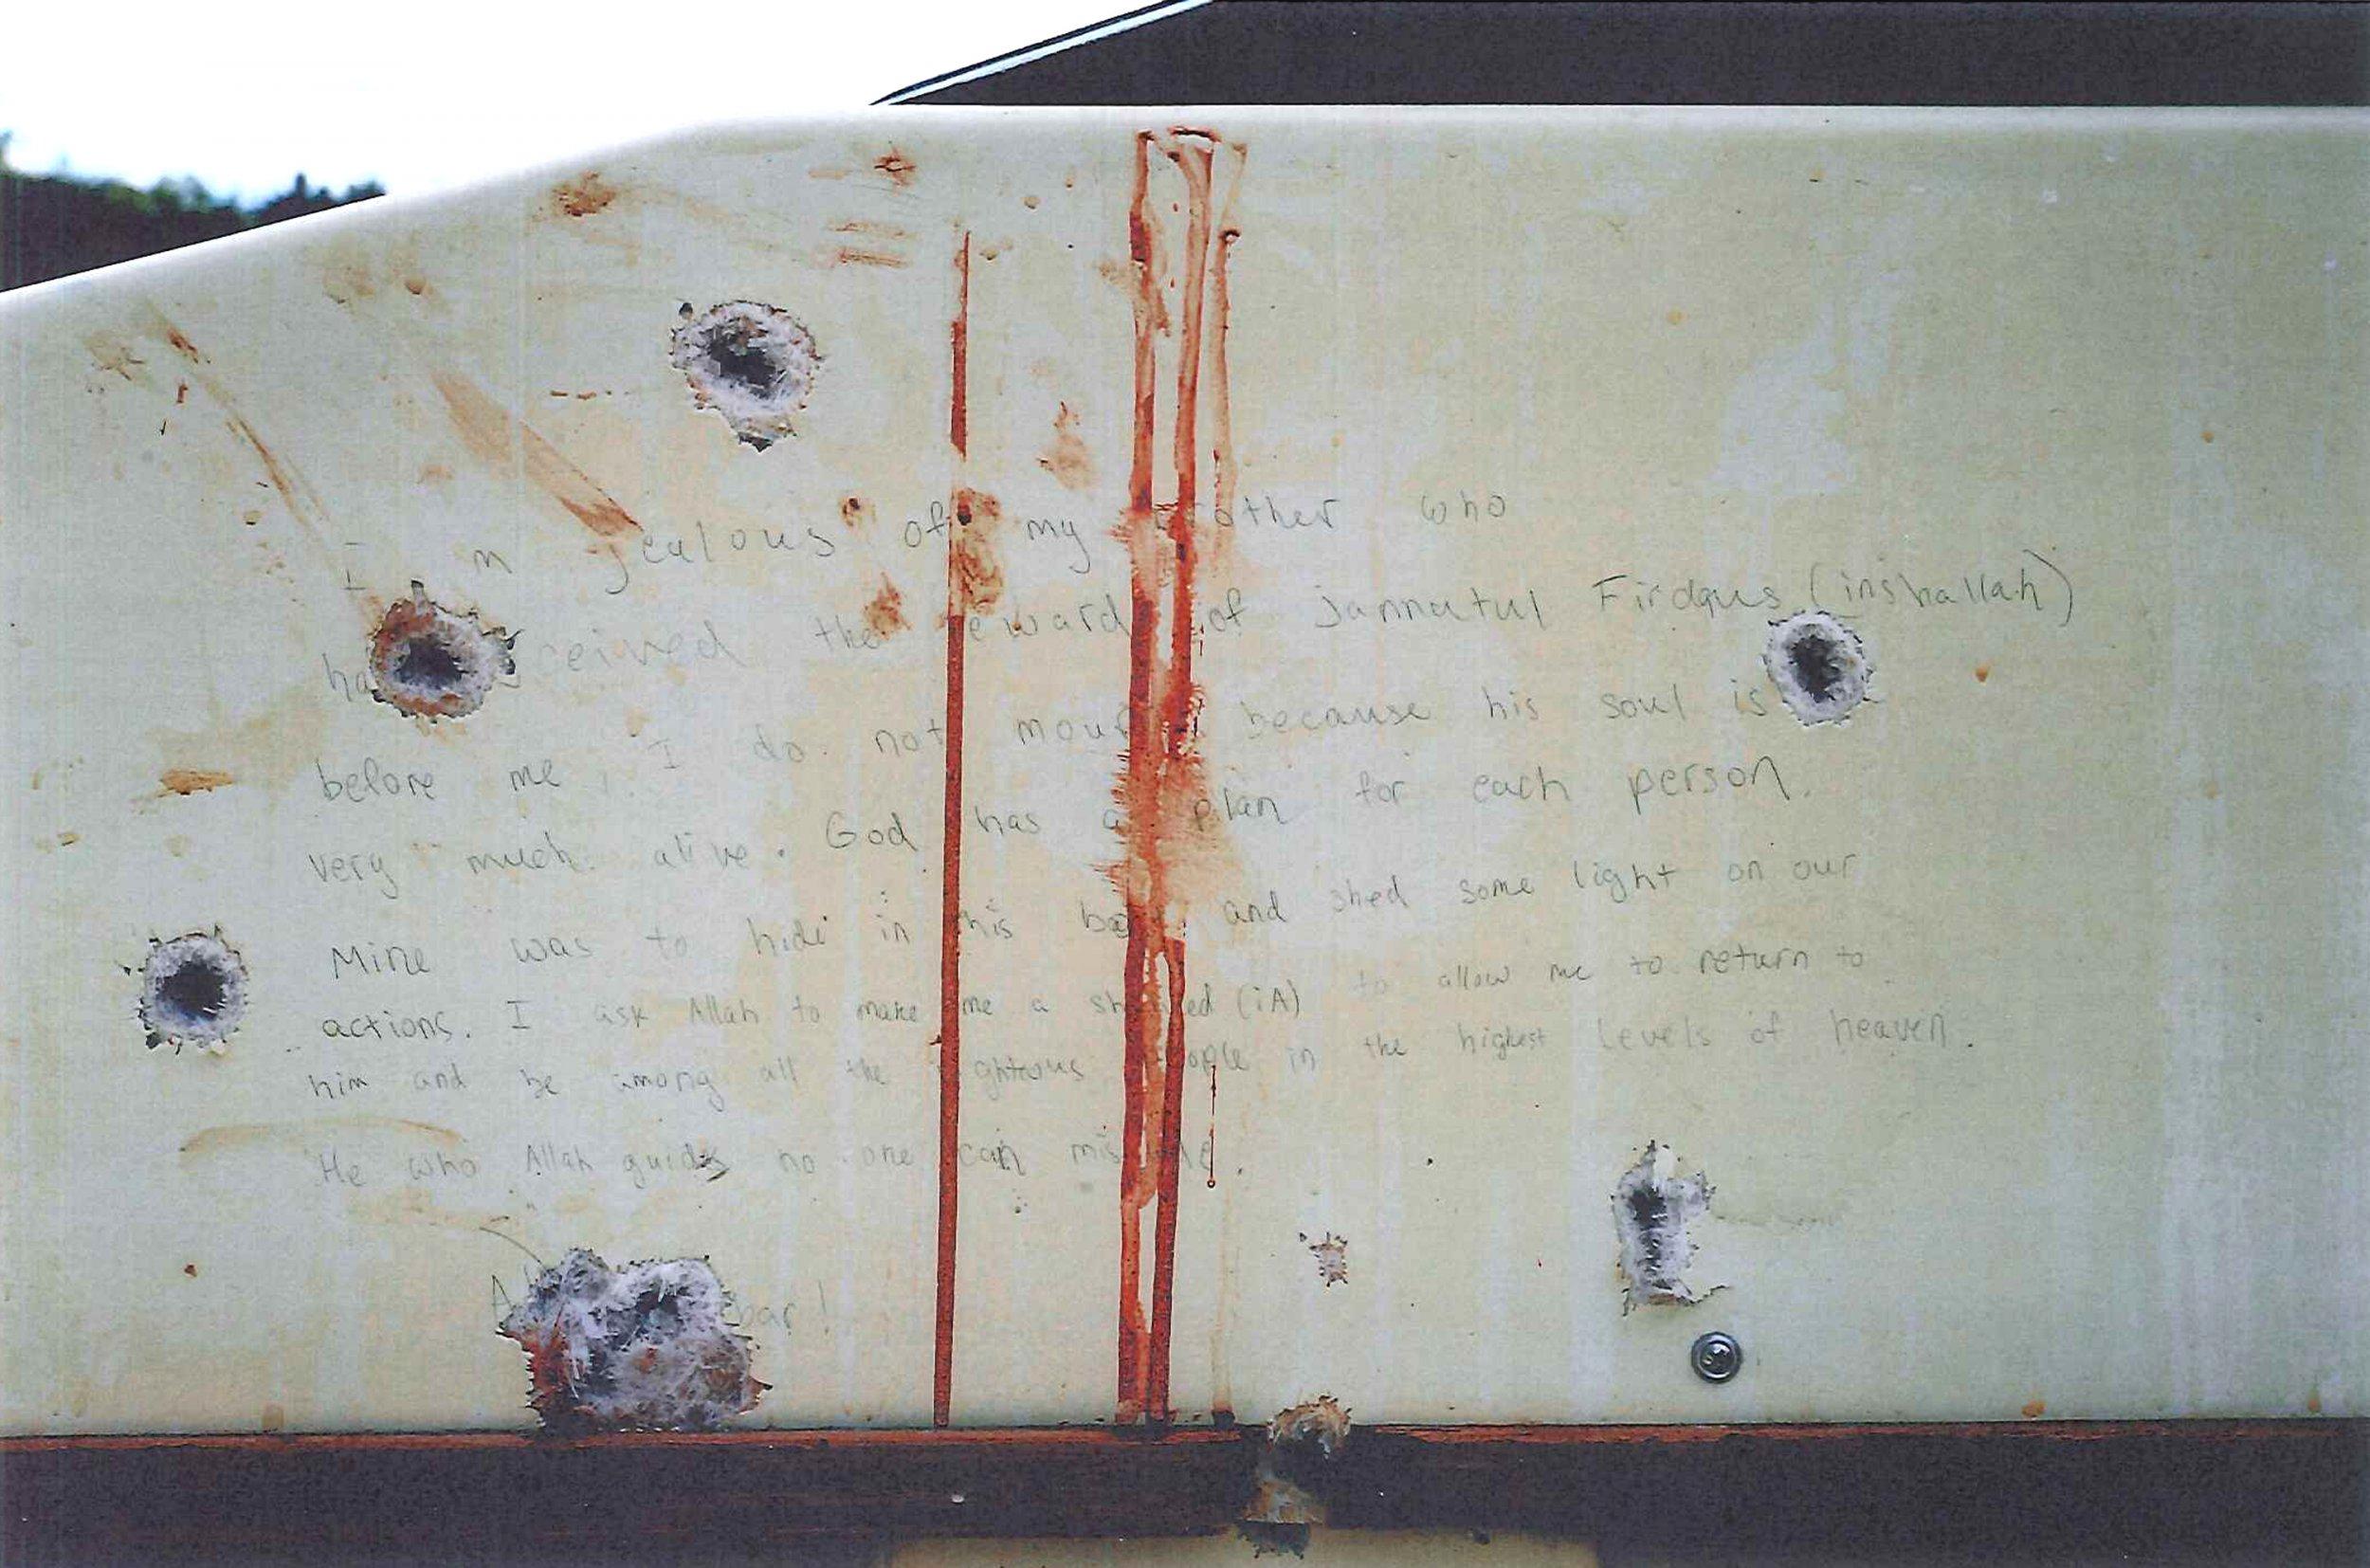 2015-03-11T130319Z_1_LYNXMPEB2A0N3_RTROPTP_4_US-BOSTON-BOMBINGS-TRIAL